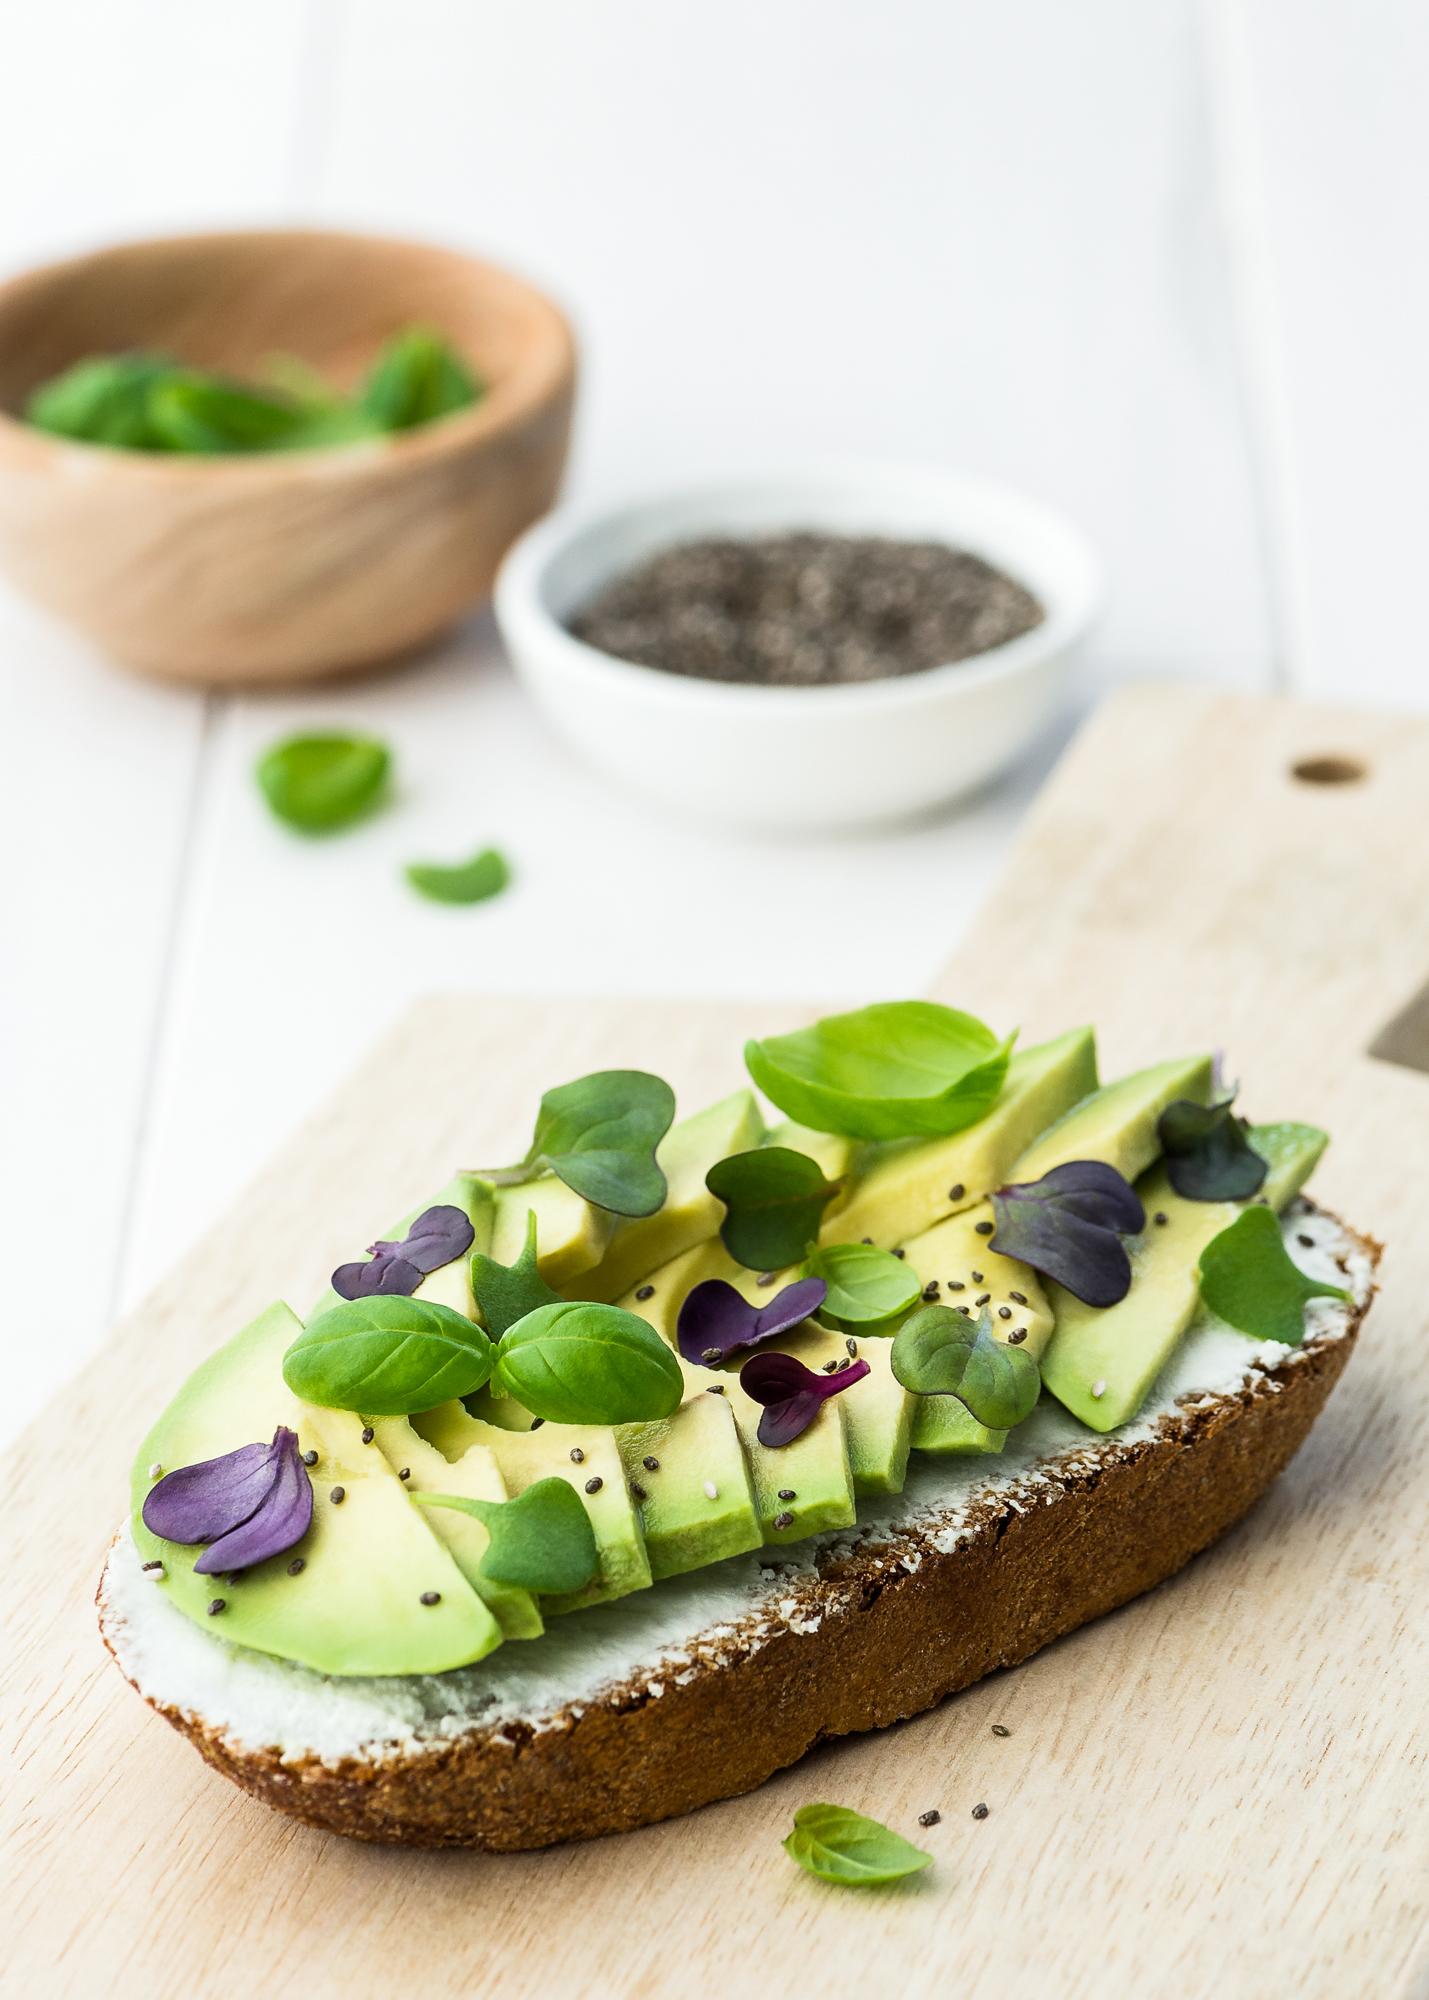 Avocado_Toast-Jany_Tremblay-2.jpg